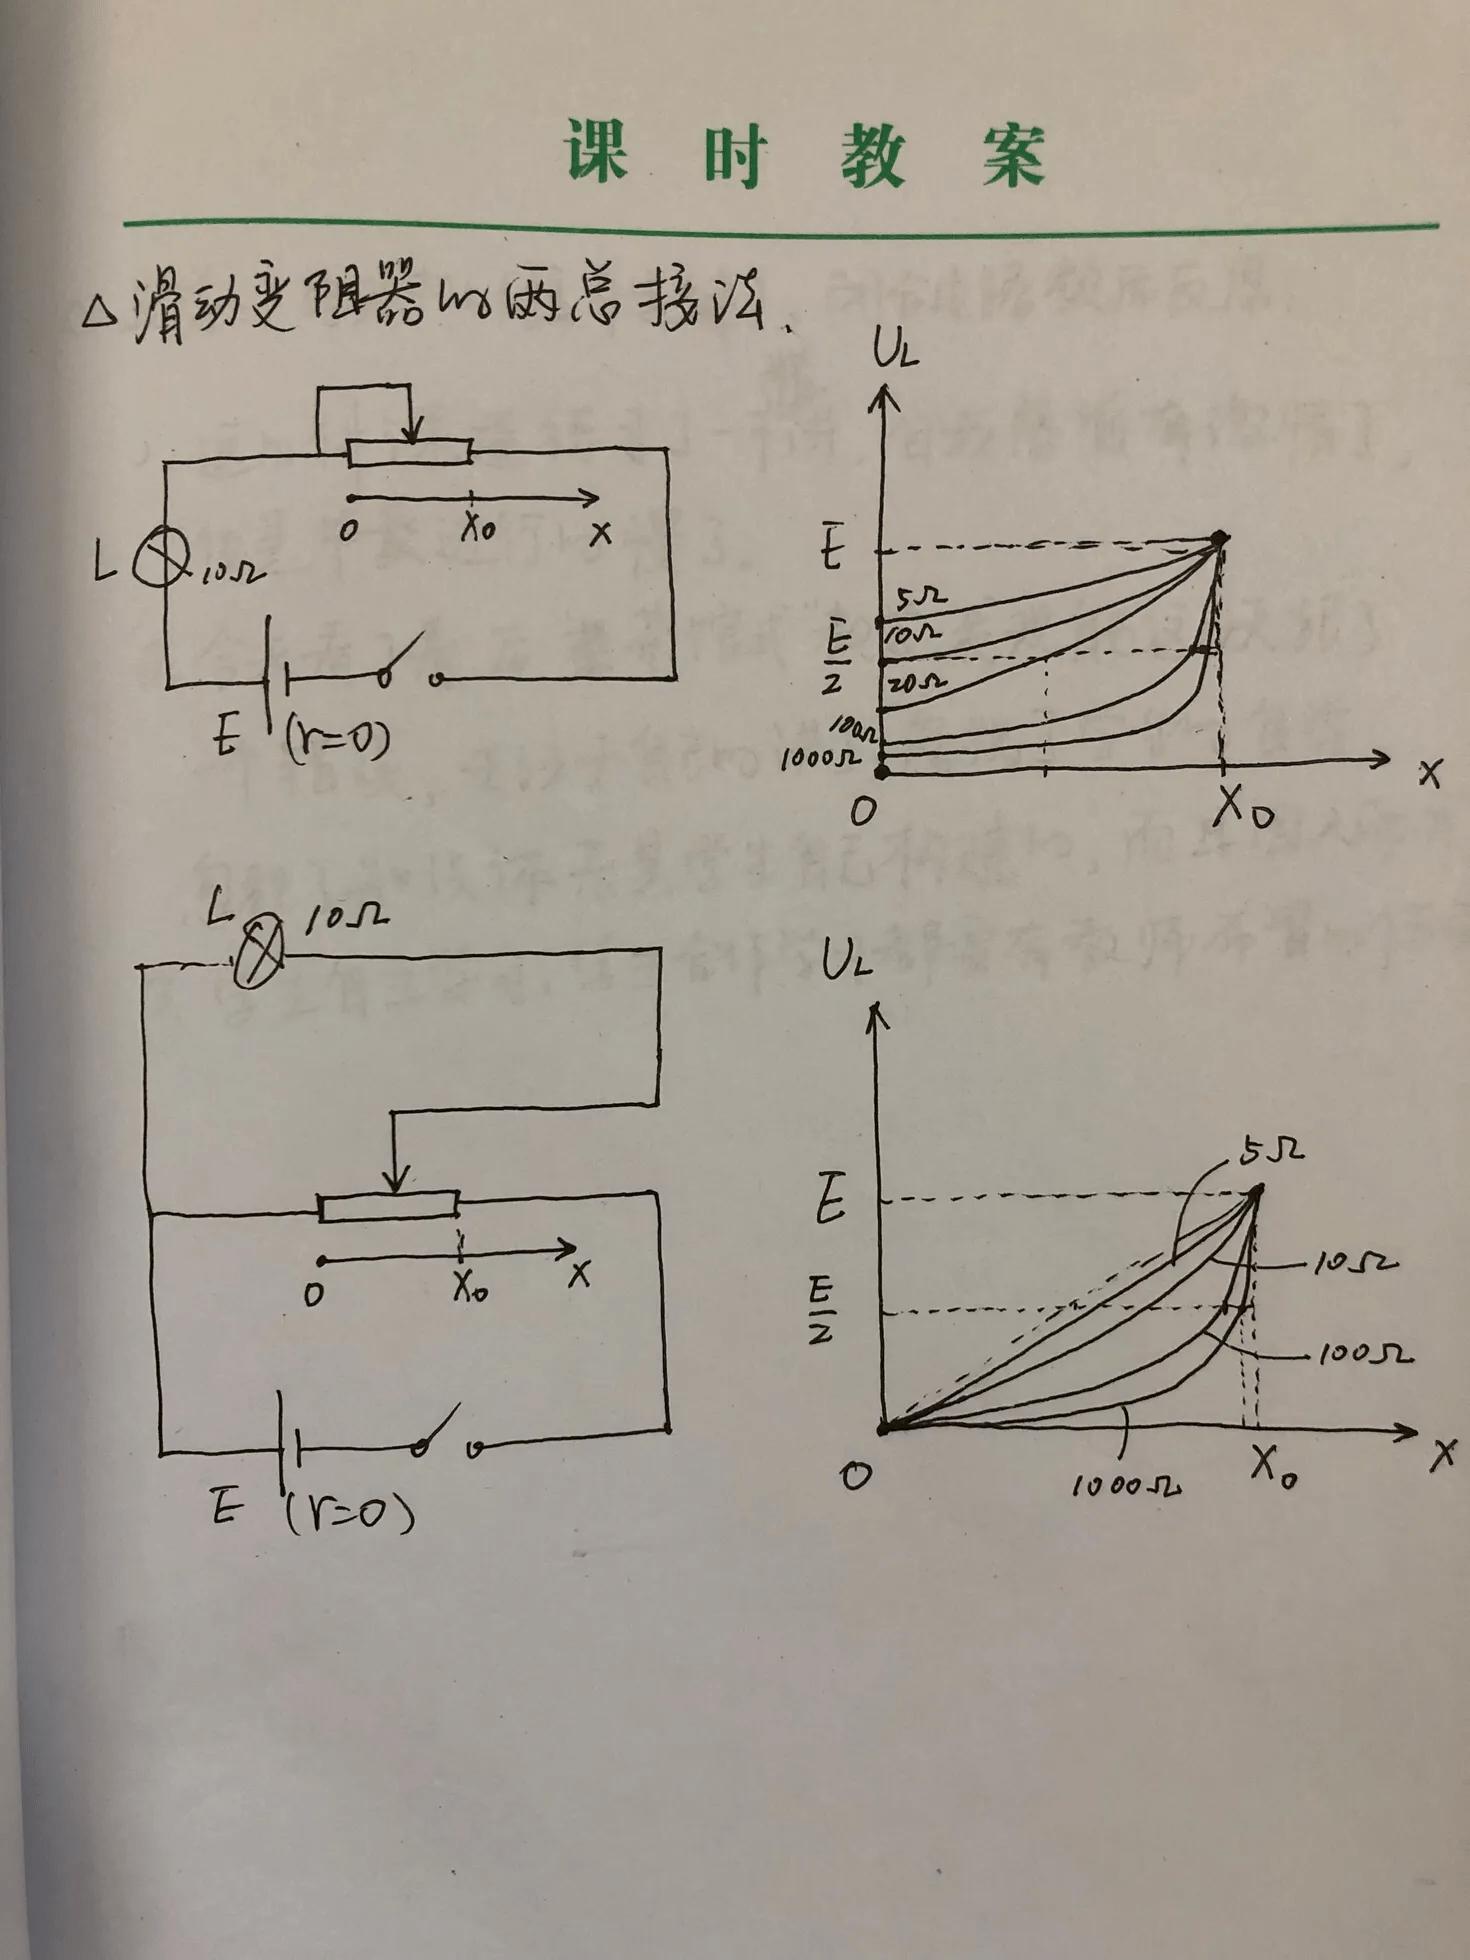 滑动变阻器的接法(滑动变阻器的接法图解实物)